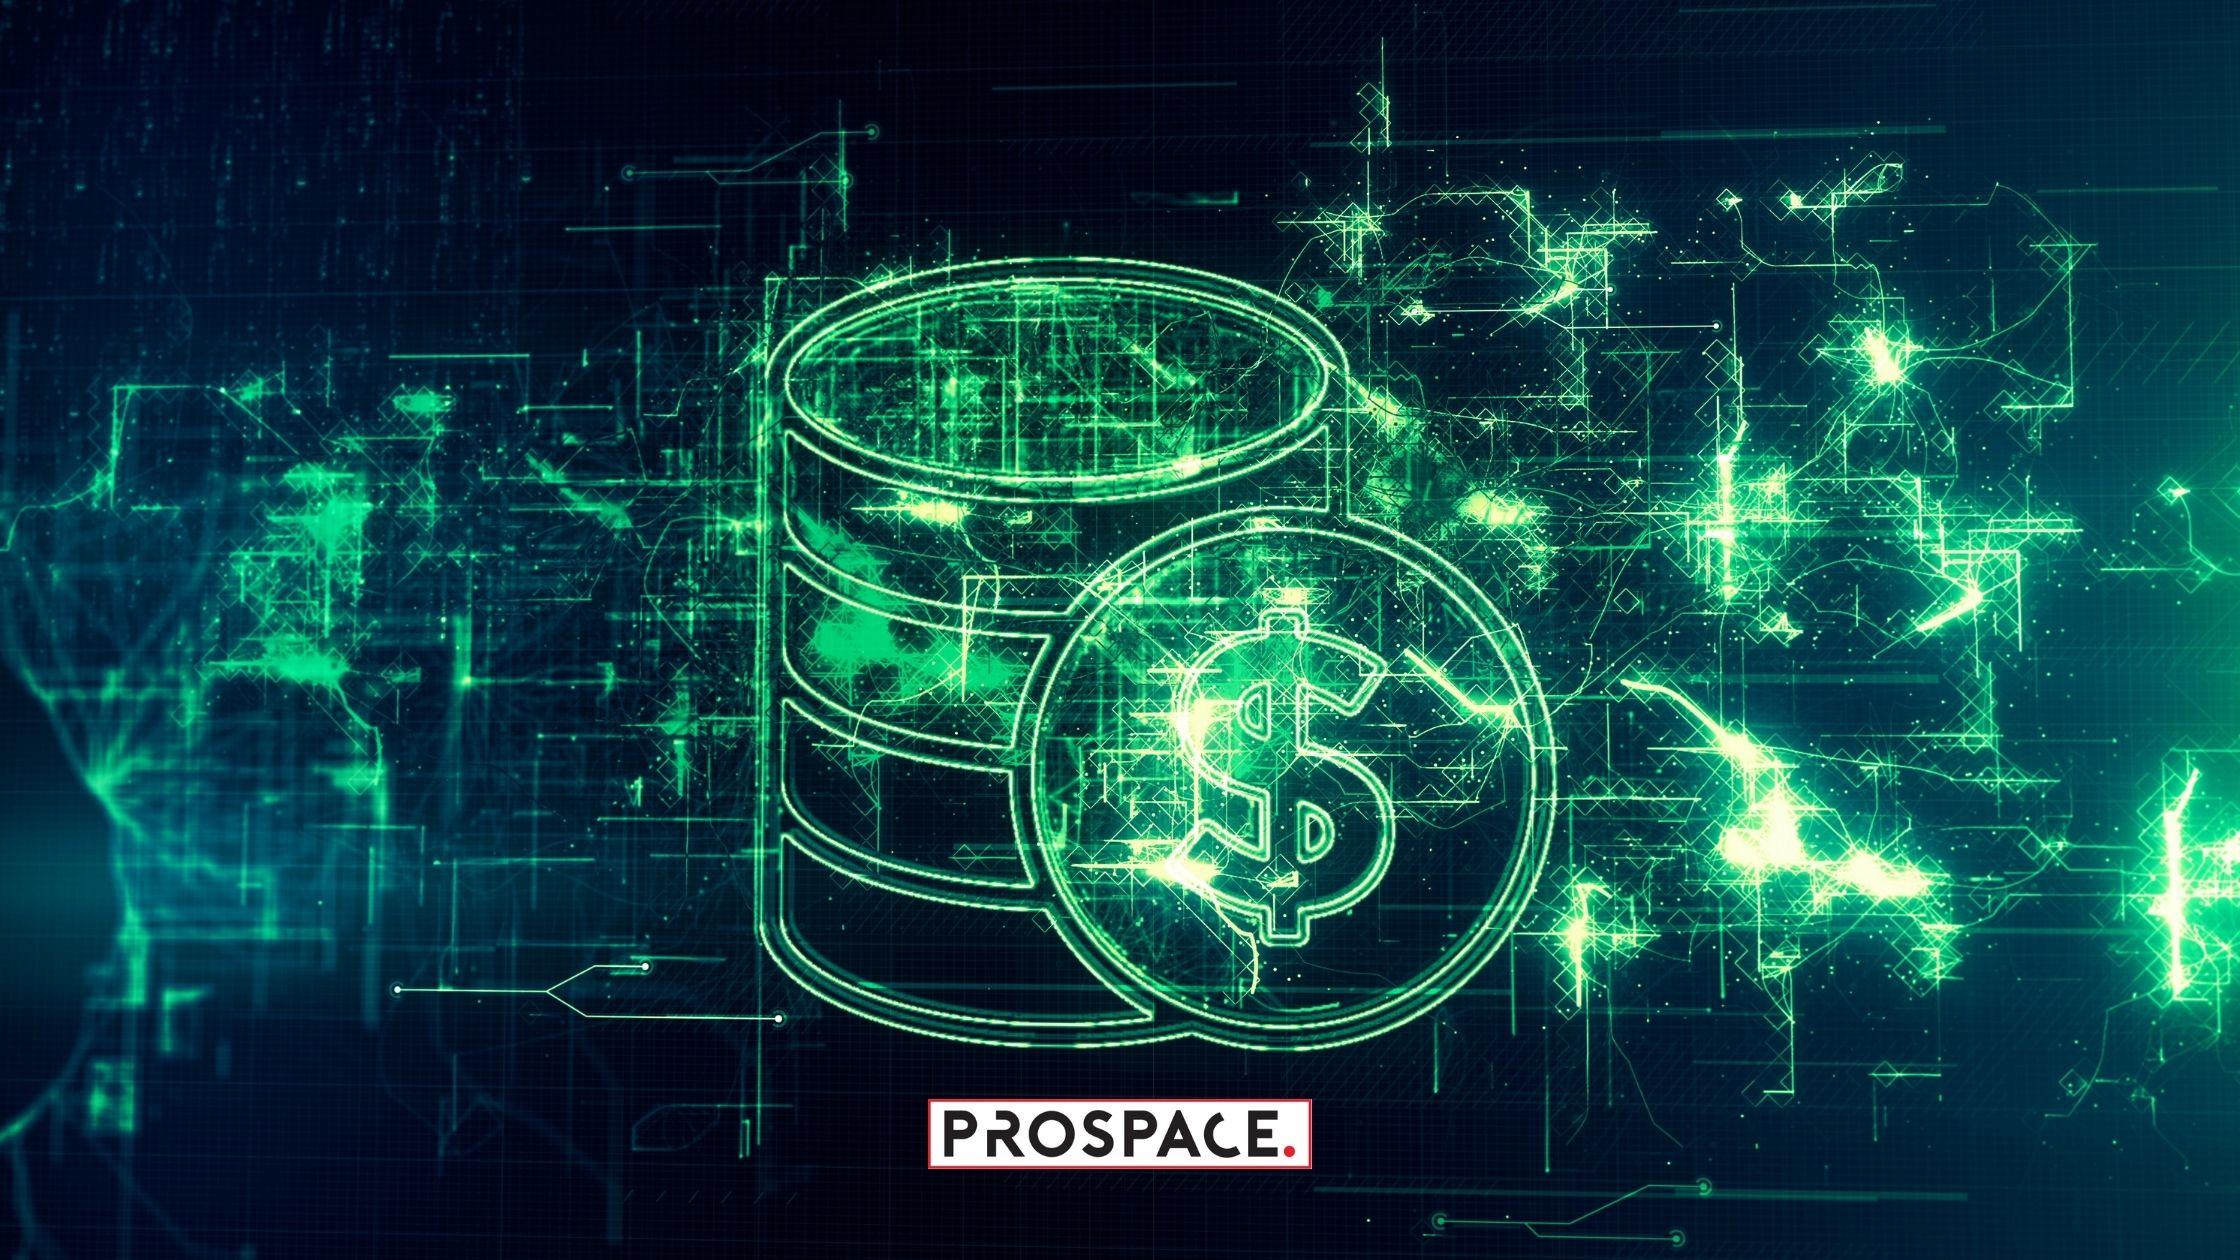 การโจมตีทางไซเบอร์ สามารถทำลายระบบการเงินได้ไหม?